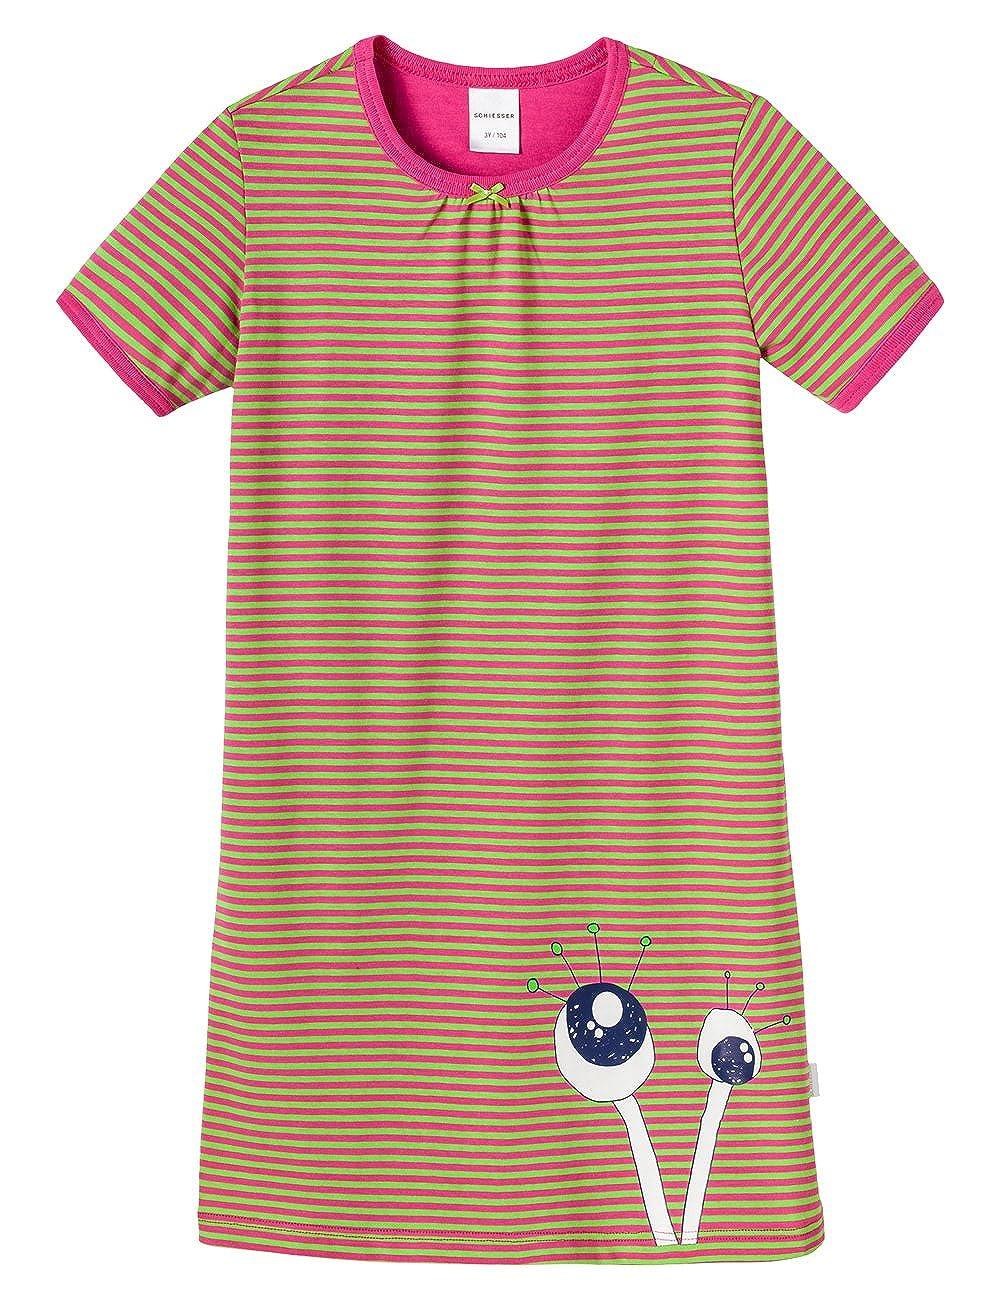 Schiesser Sleepshirt 1/2, Camicia da notte per bambine e ragazze Schiesser AG 146188